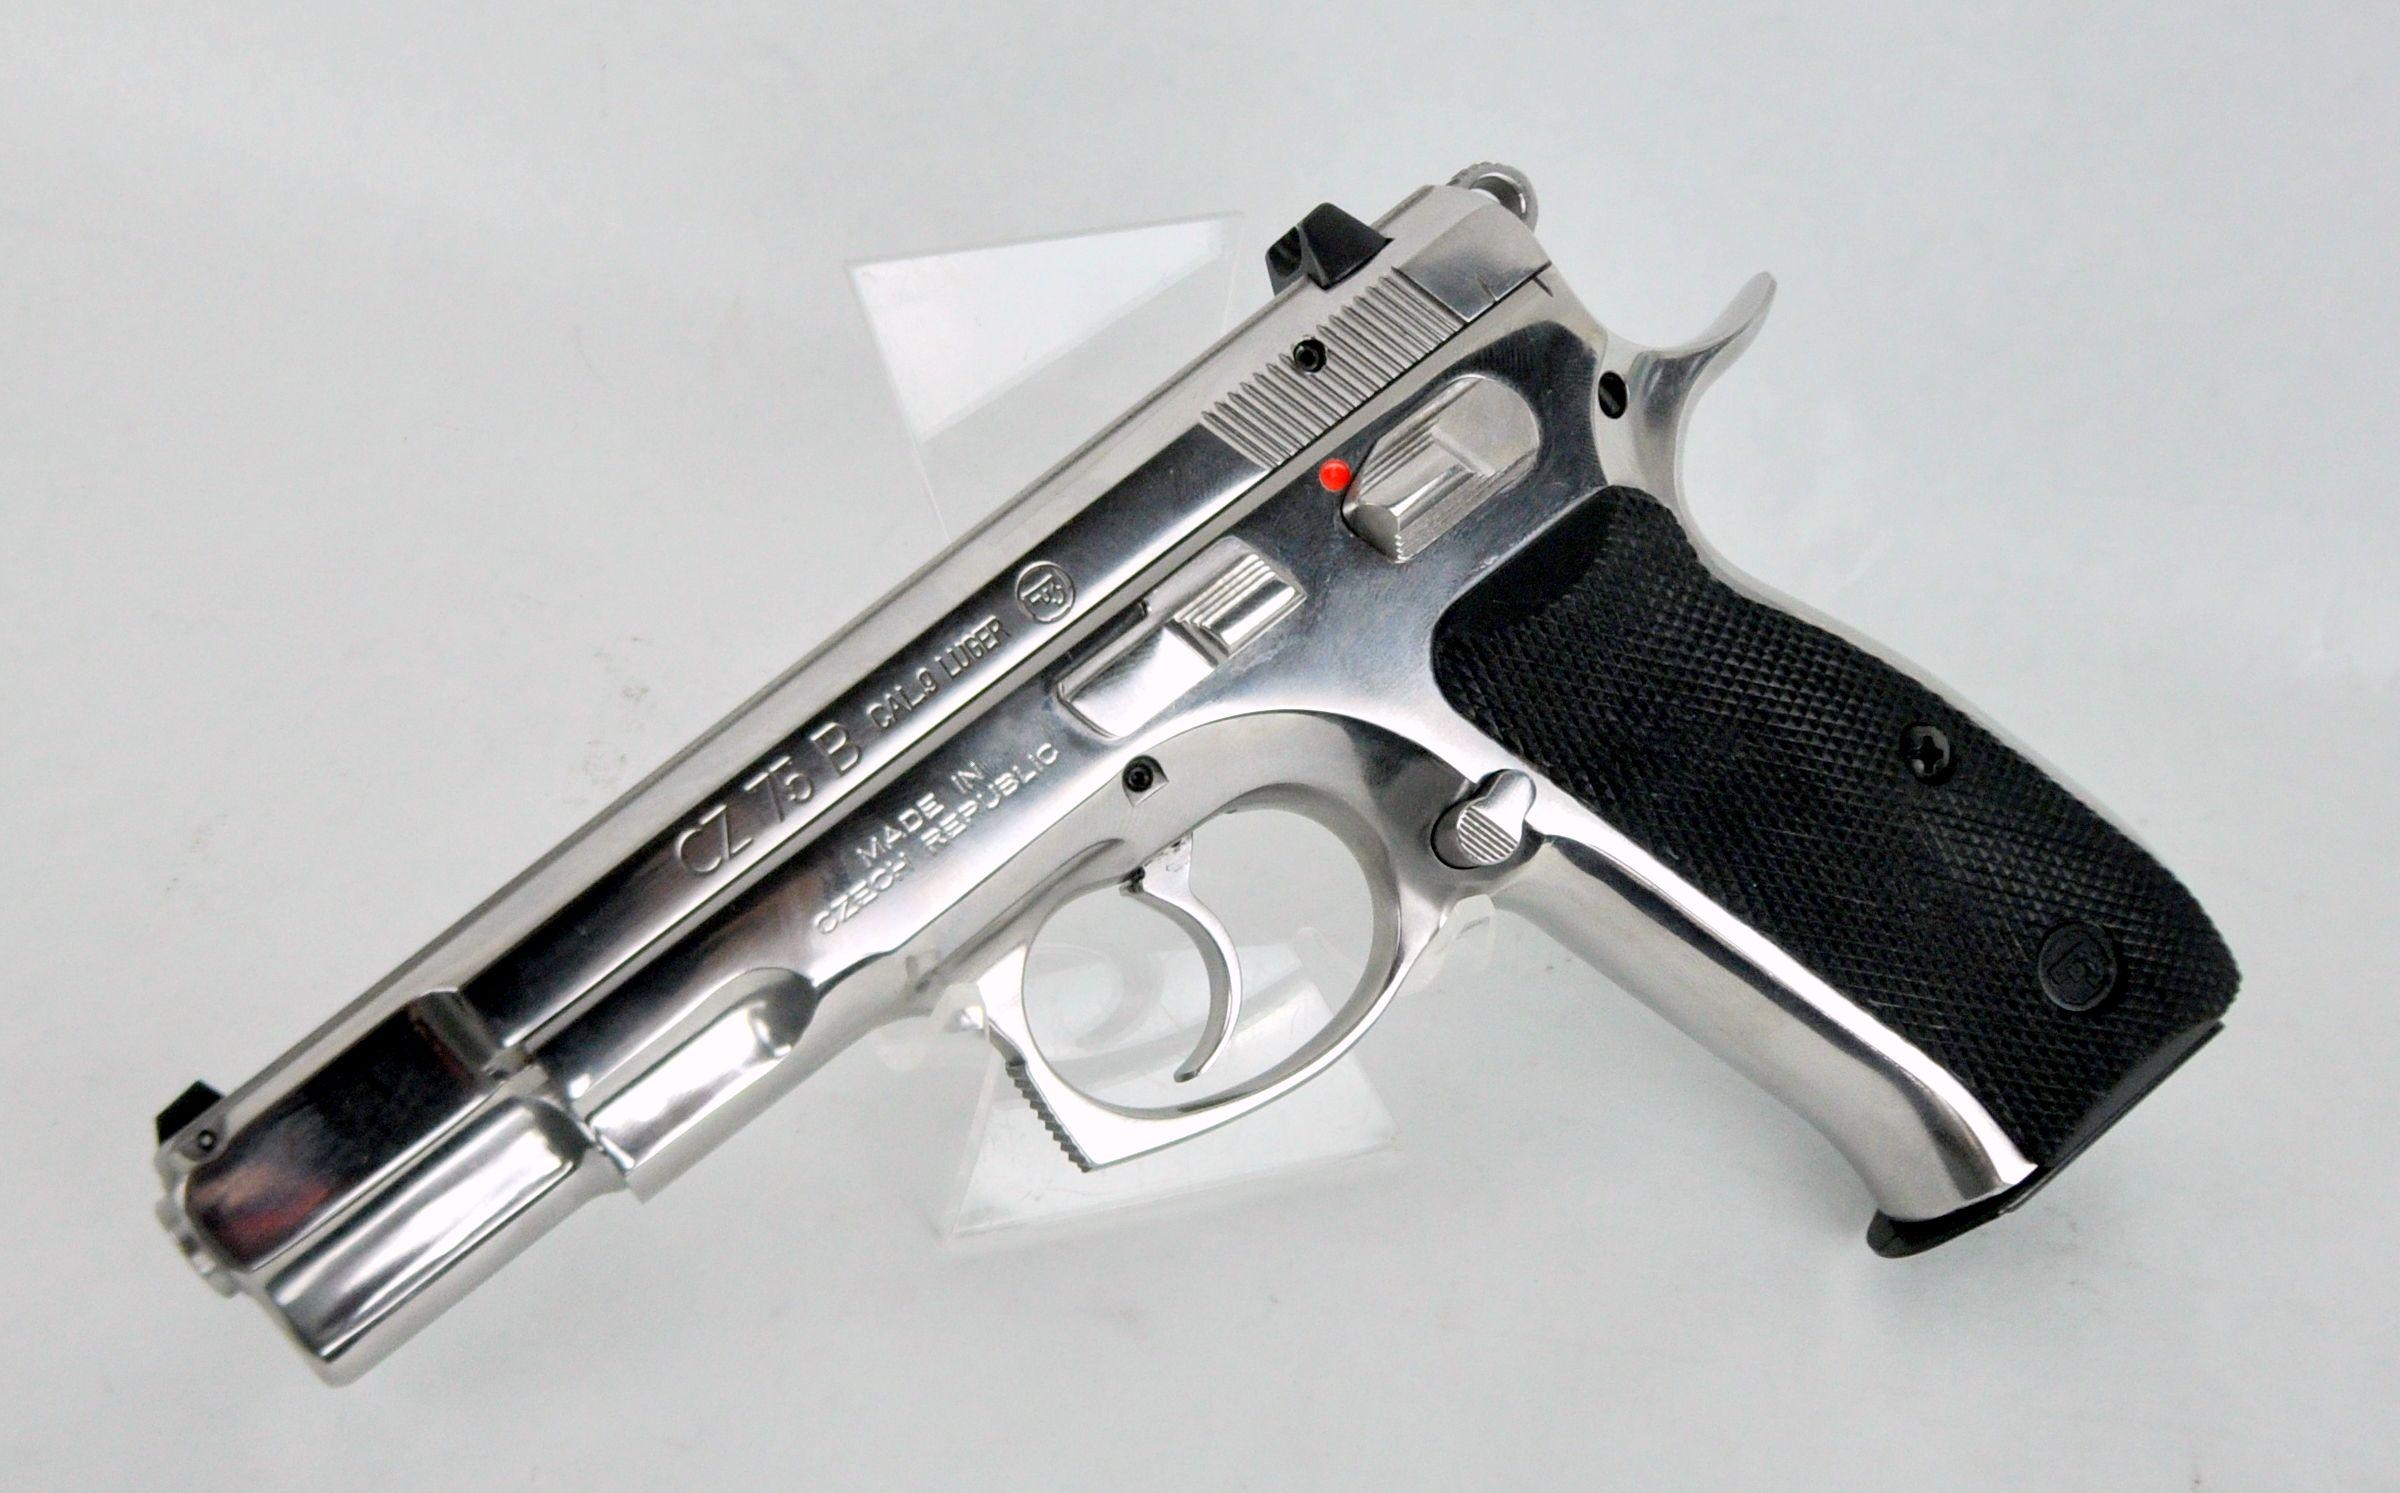 CZ USA CZ 75 B Polished Stainless 9mm 4 6